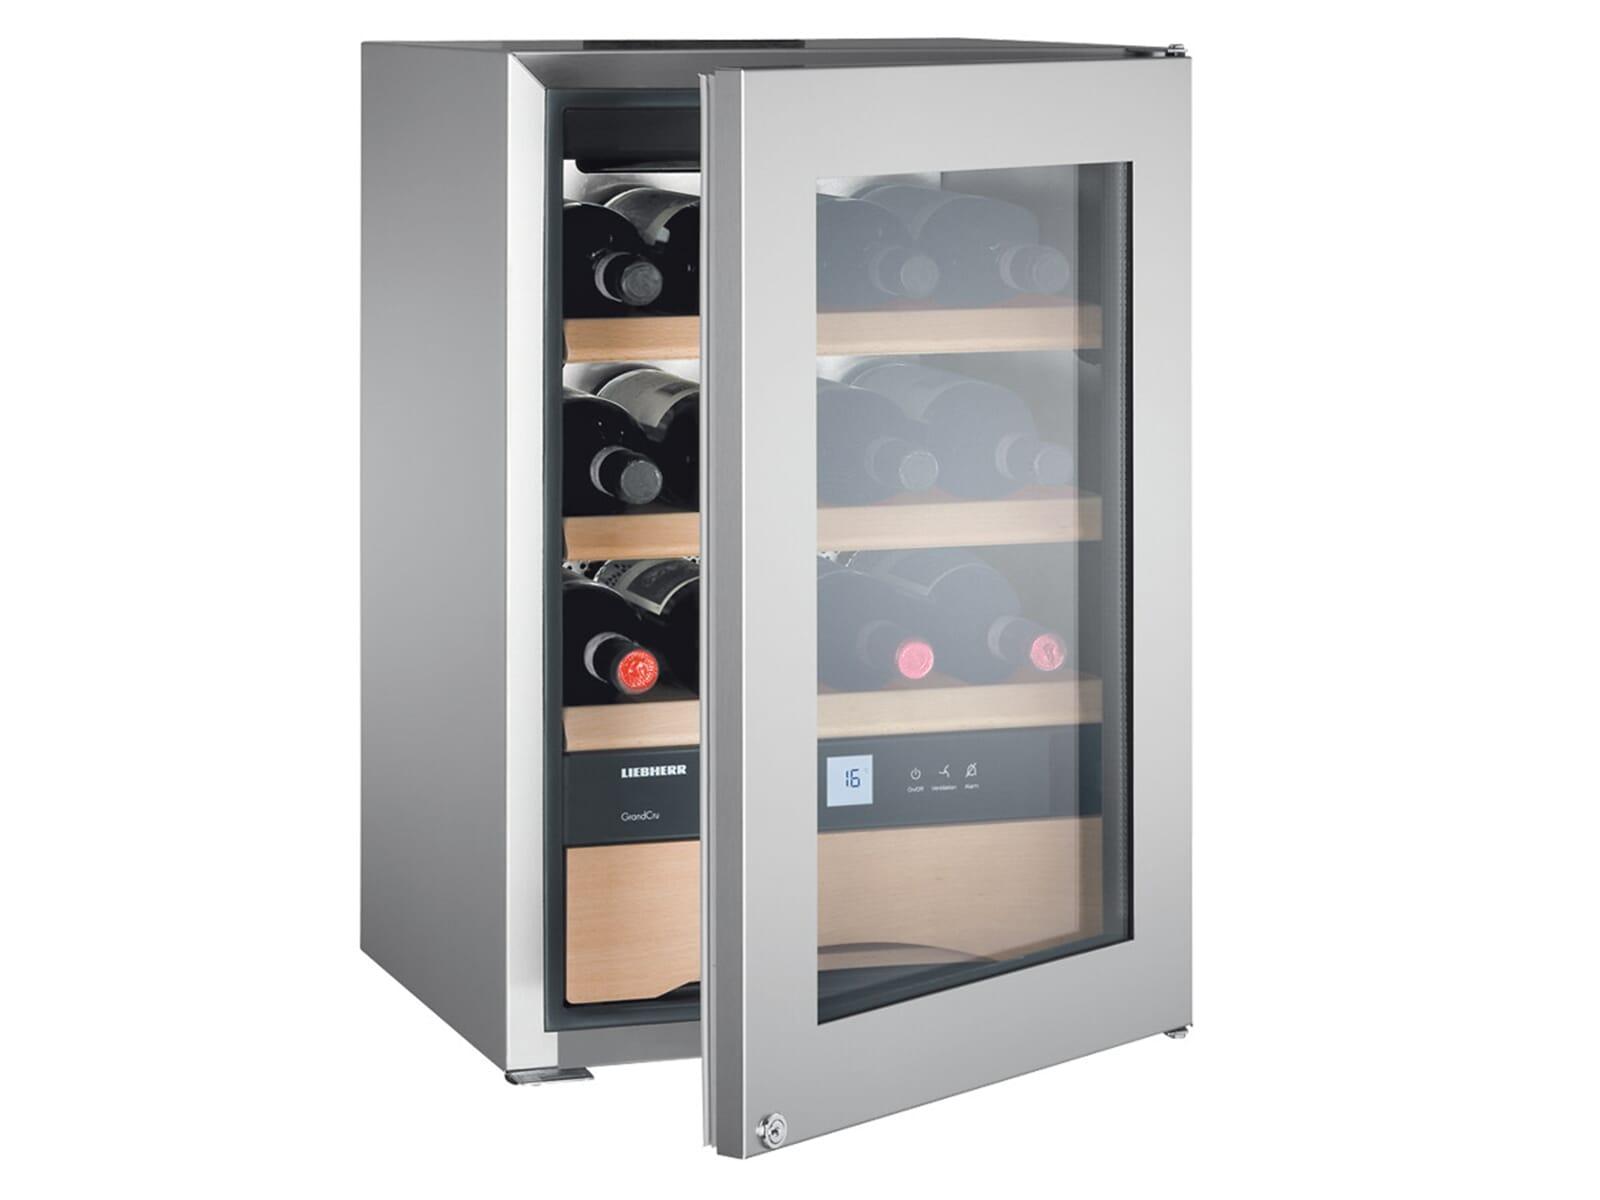 Side By Side Kühlschrank Mit Weinkühlschrank : Liebherr wkes 653 grandcru stand weinklimaschrank mit